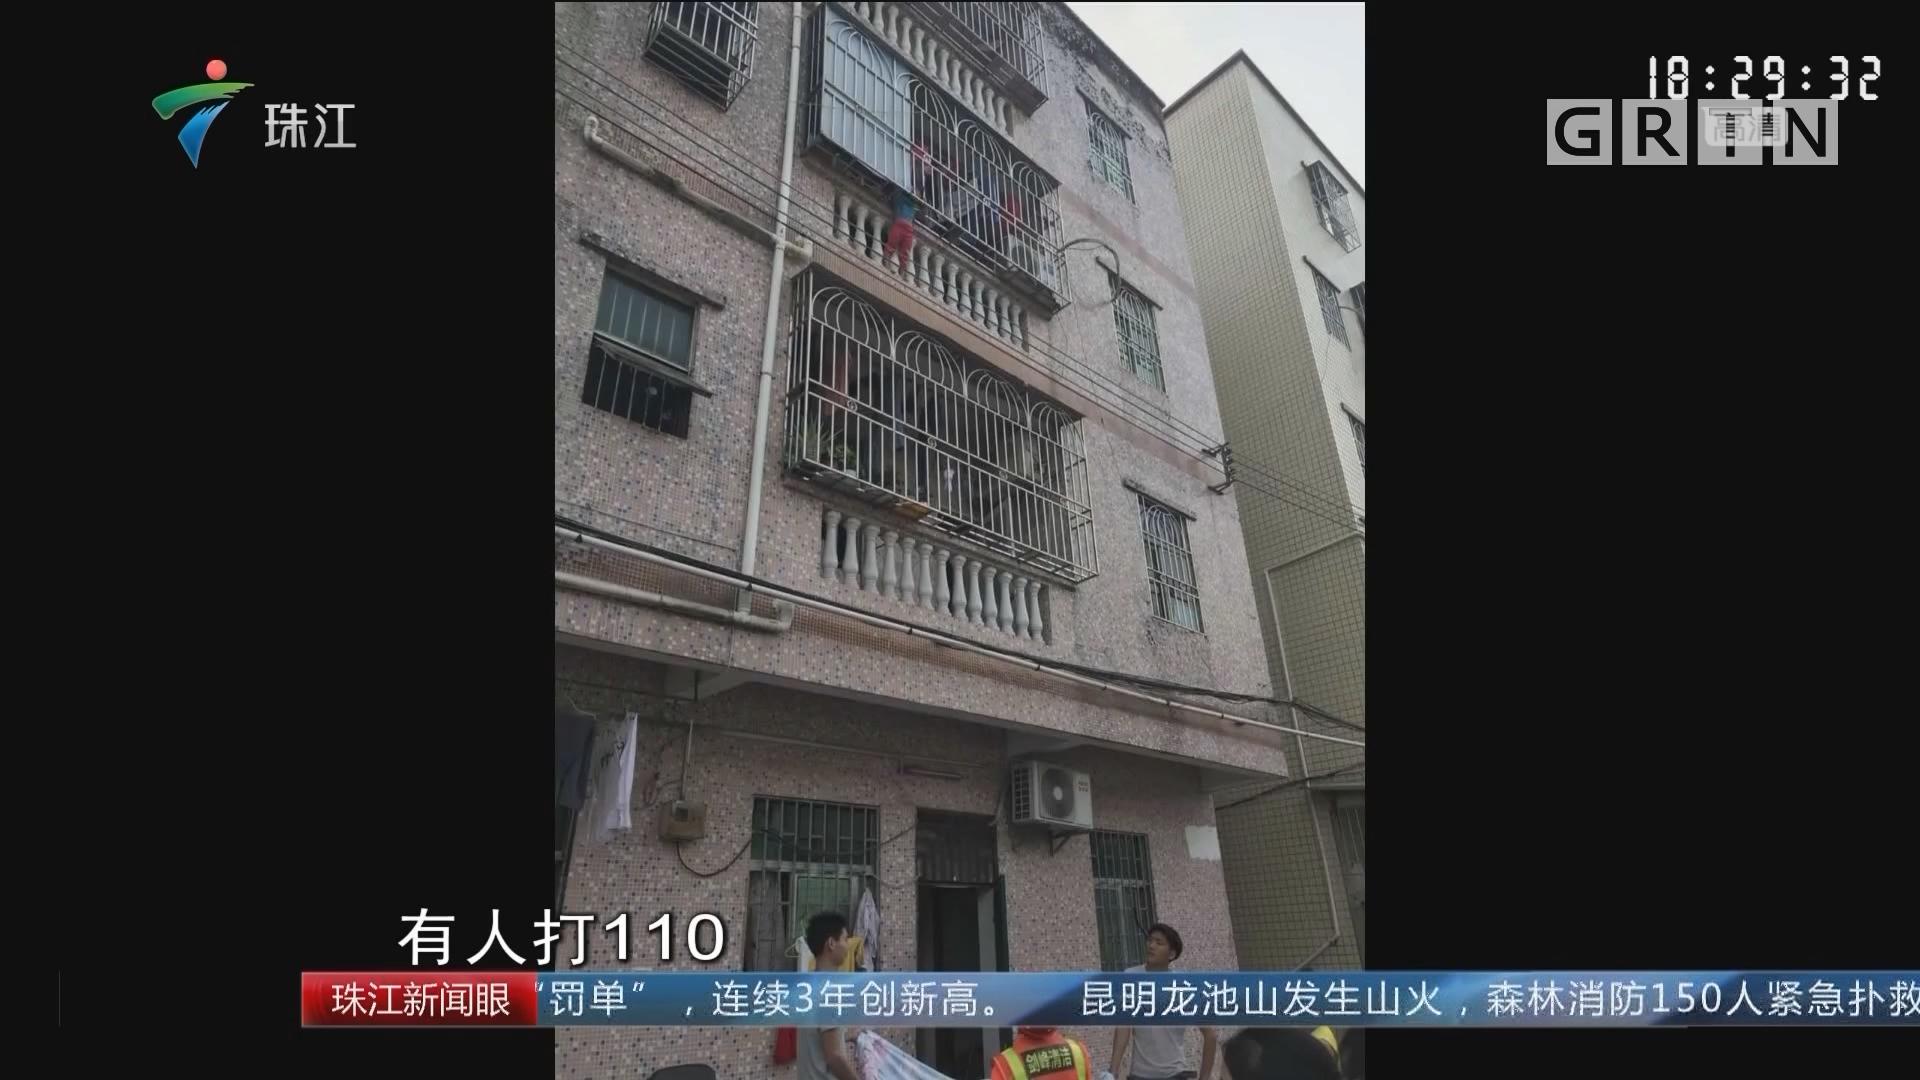 深圳:4龄童头卡3楼防盗网身体悬空 众人相救